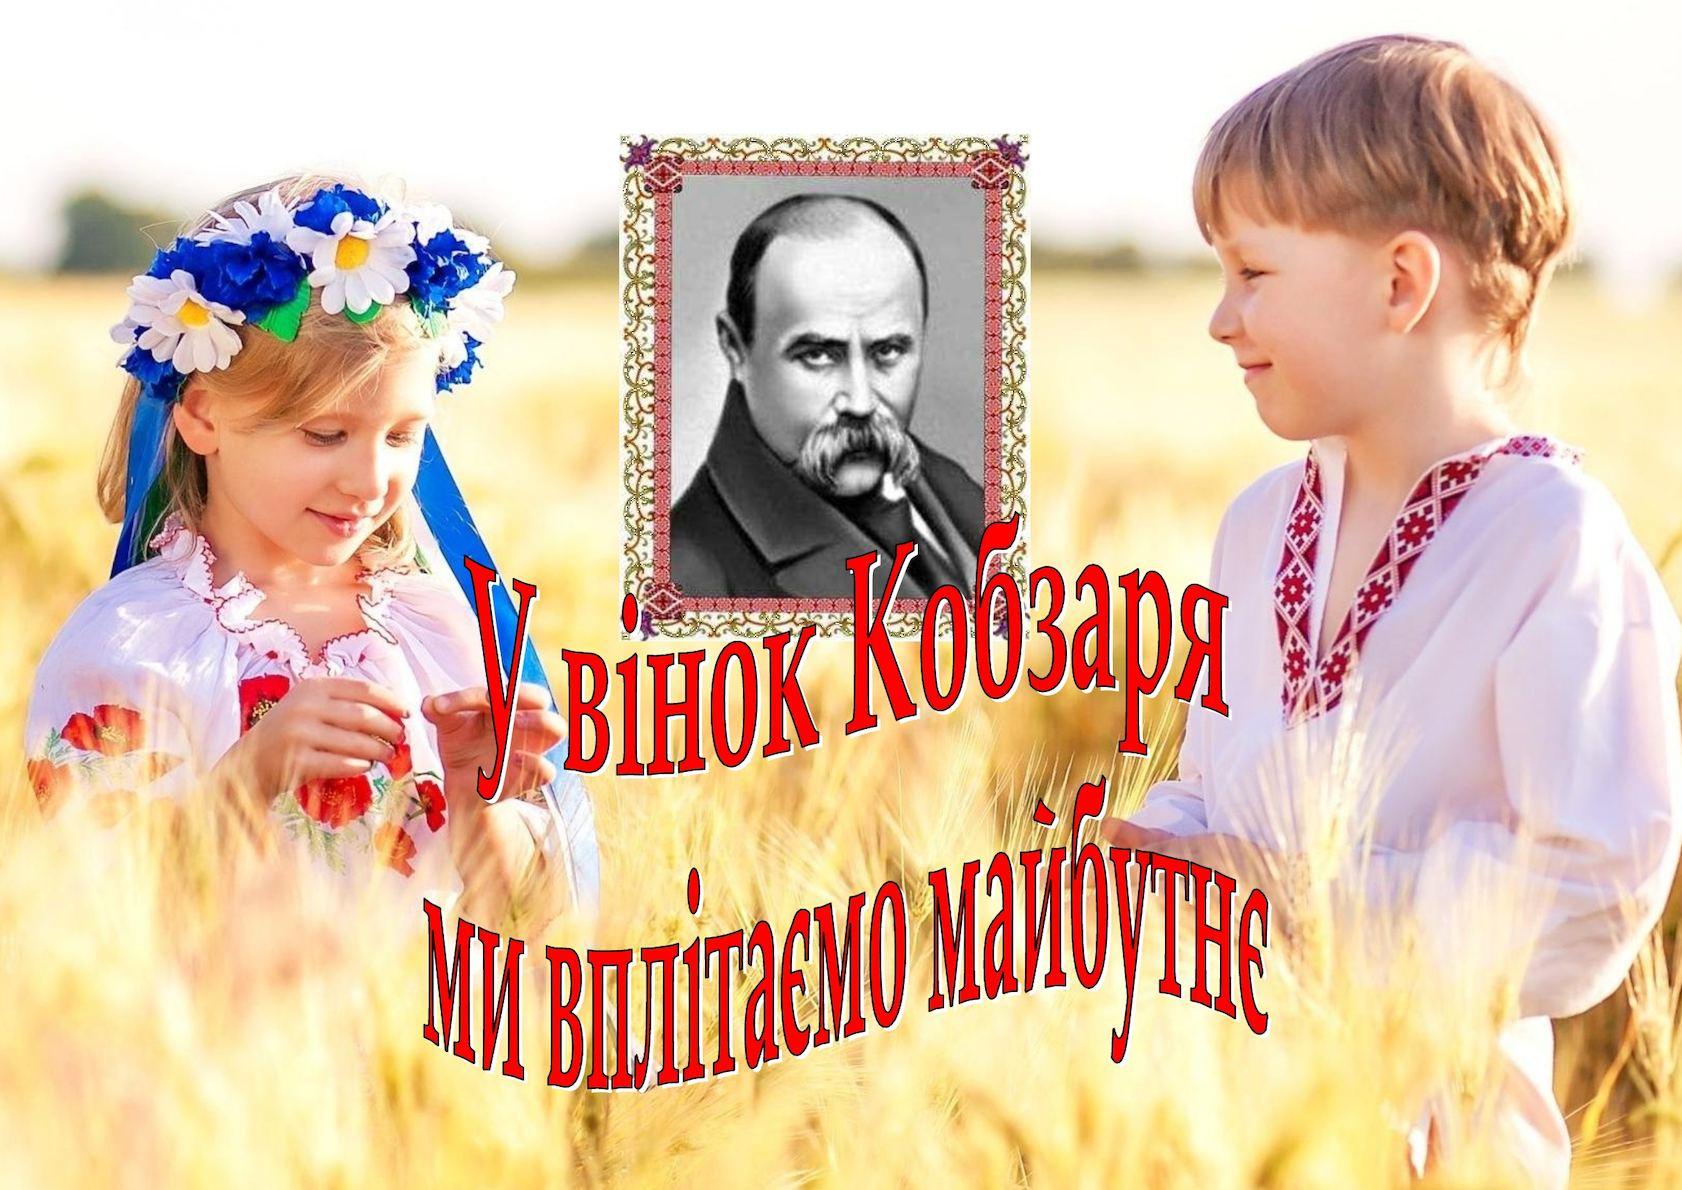 Віночок Кобзареві